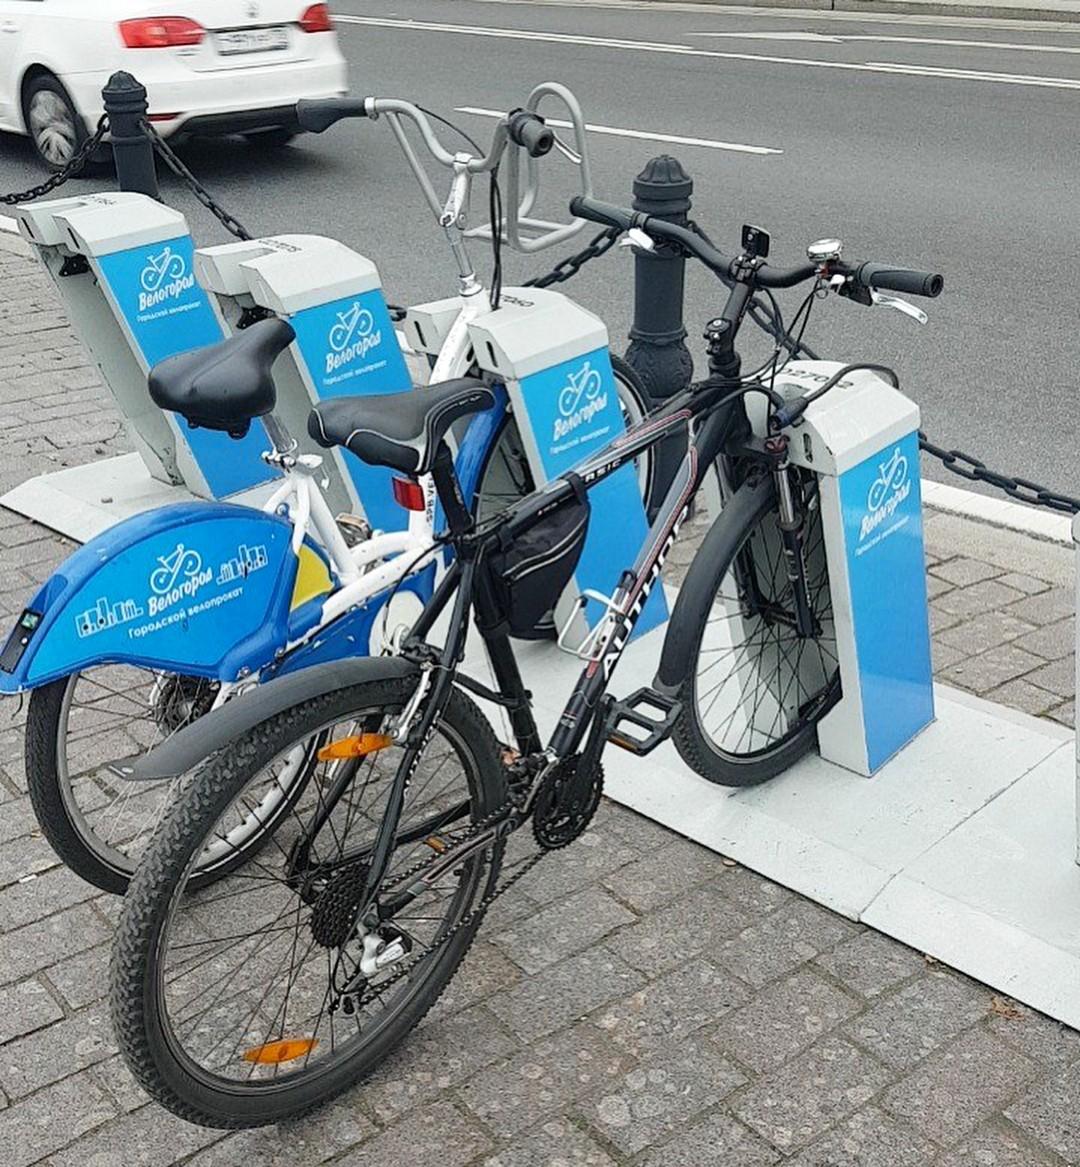 Прокат велосипедов в Санкт-Петербурге - 15 лучших мест